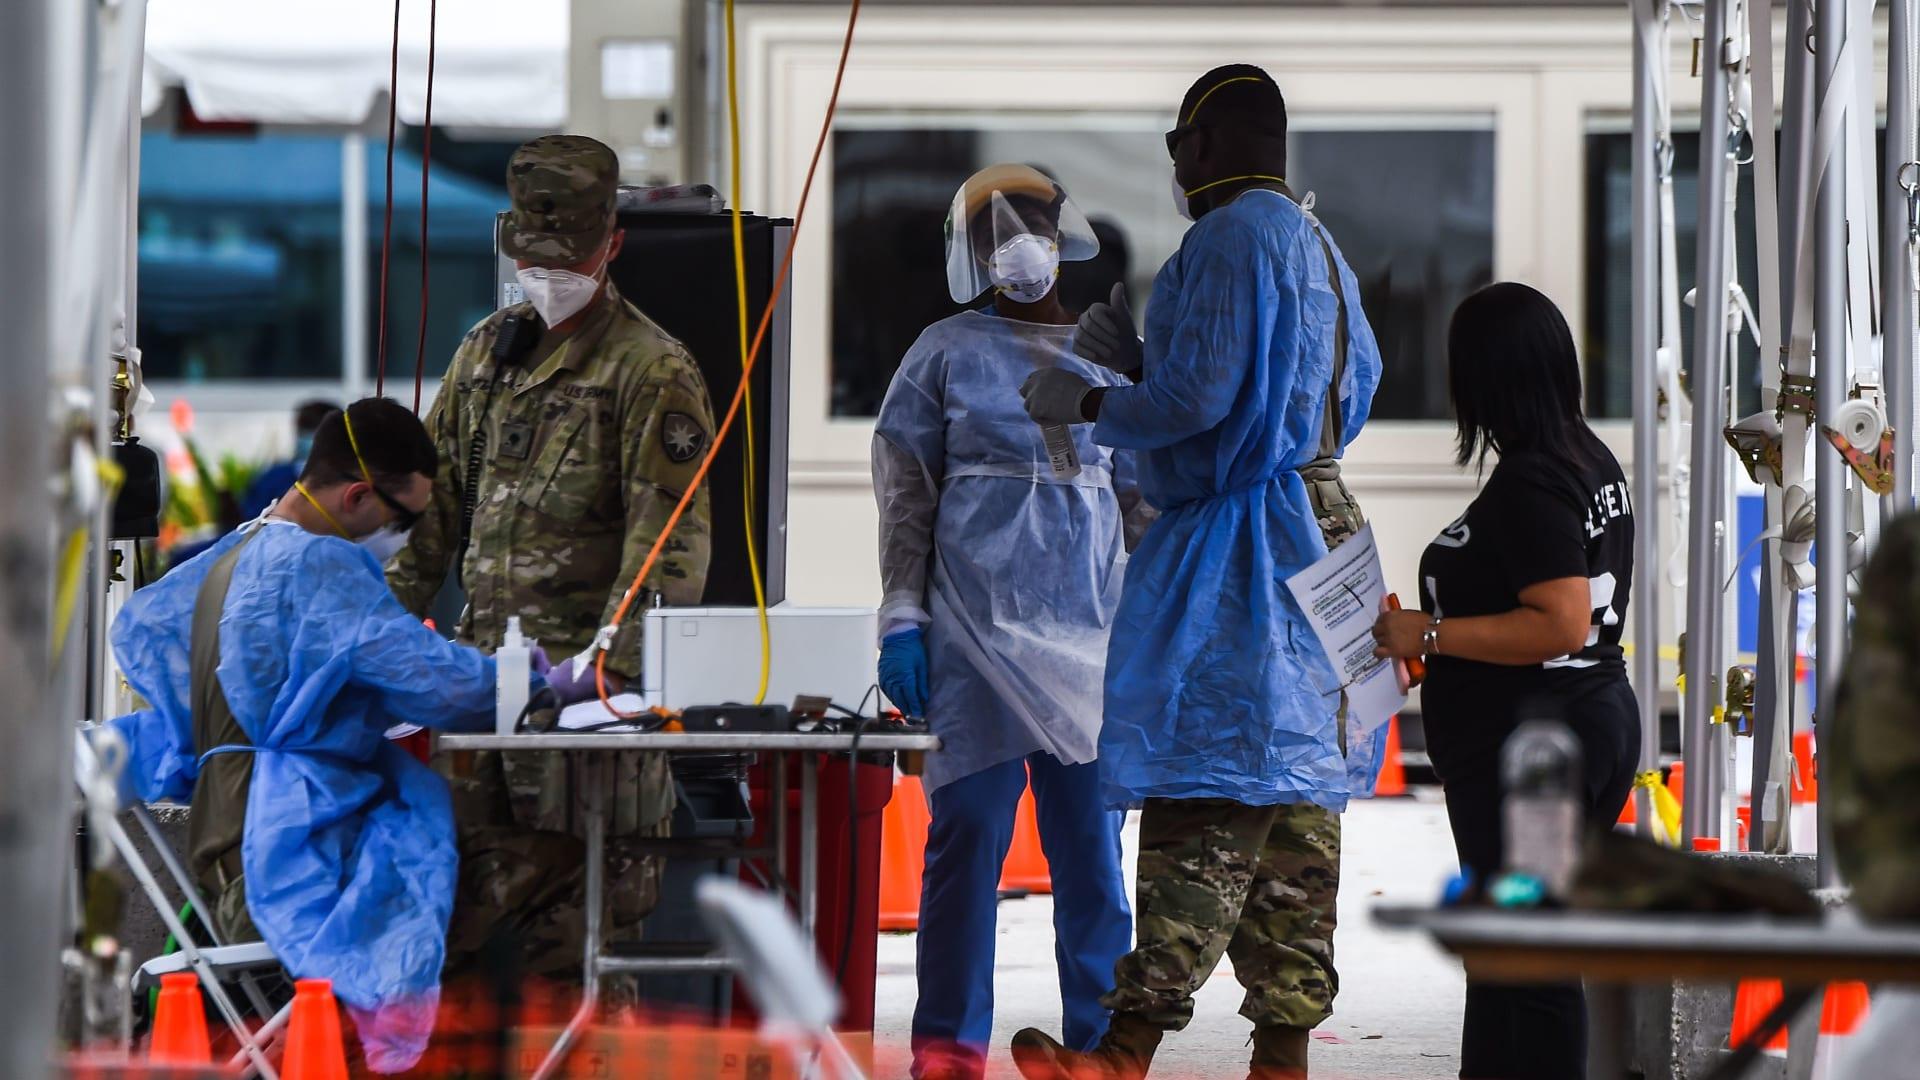 رغم من جهودها المتواصلة لإعادة الفتح .. الولايات المتحدة تشهد عودة في حالات الإصابة بفيروس كورونا